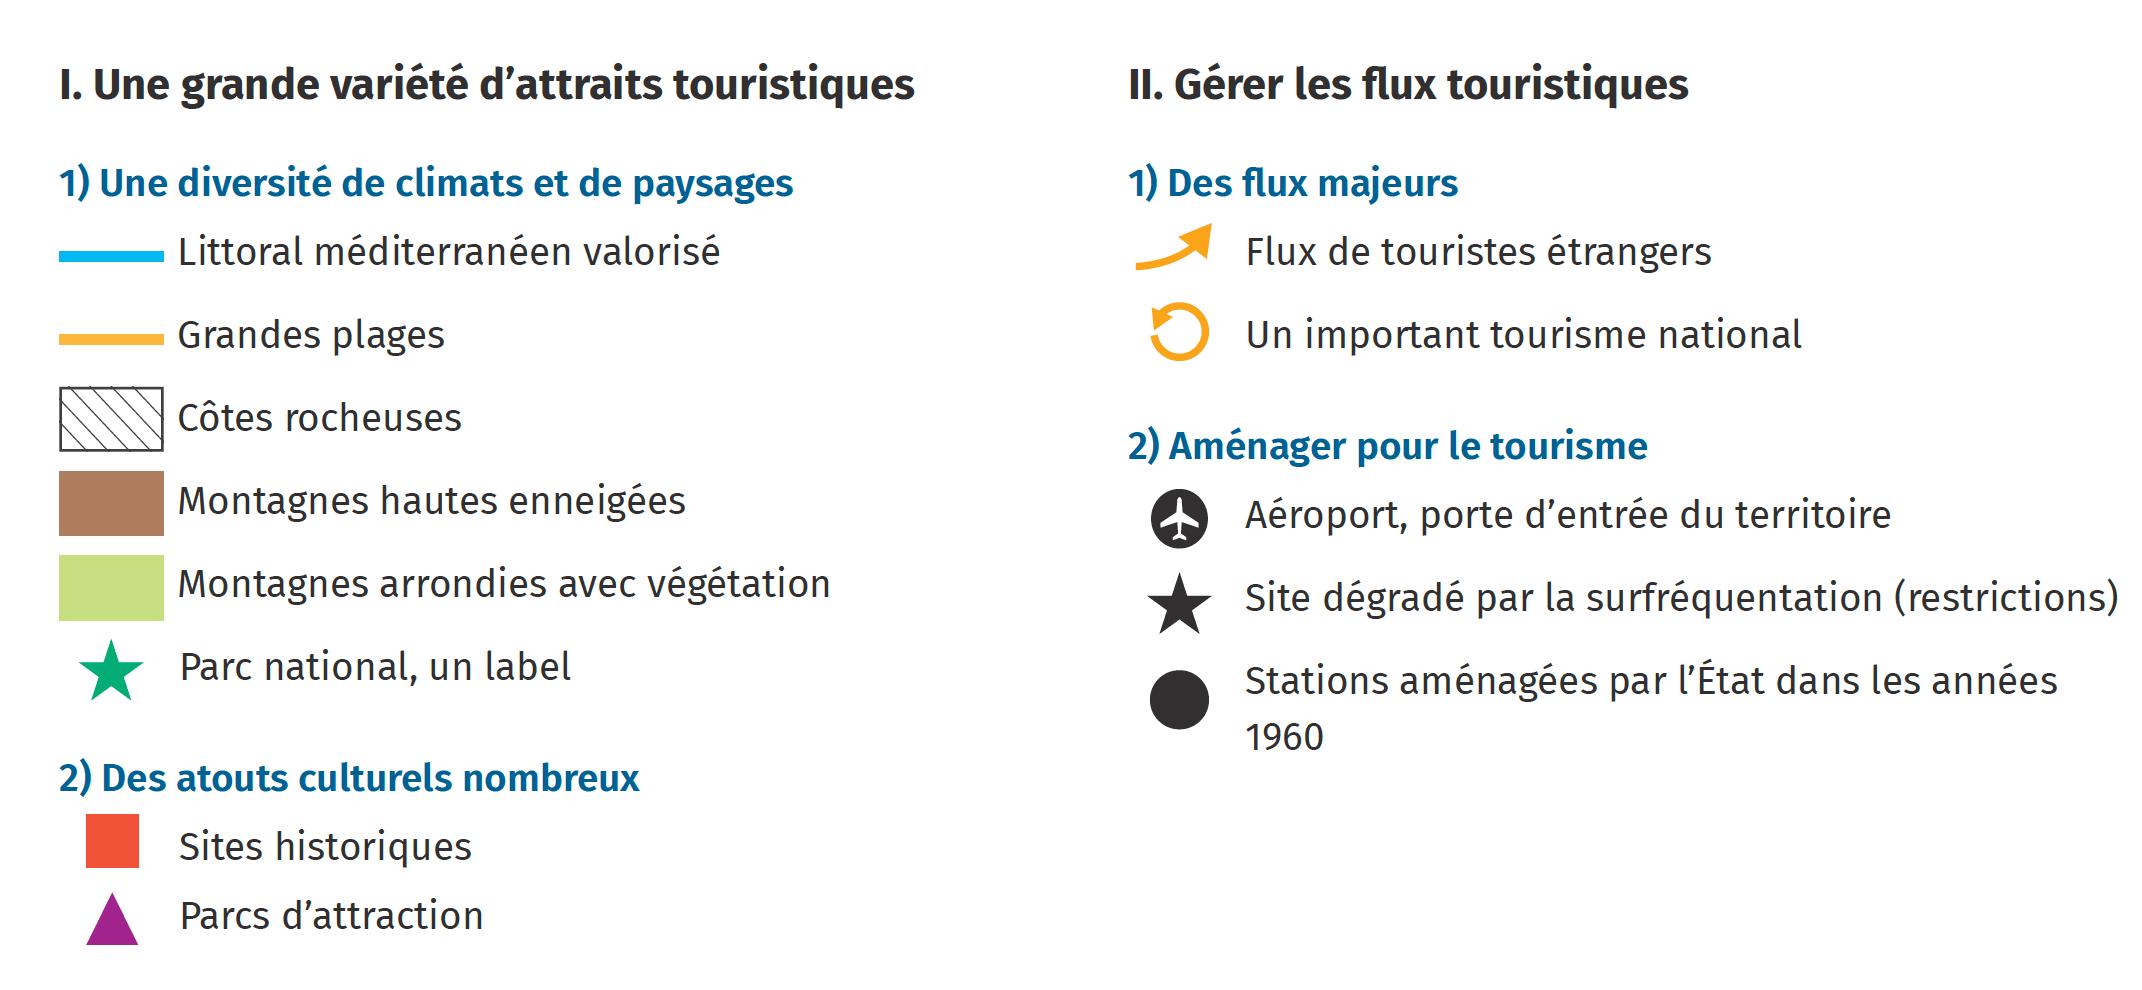 Une grande variété d'attraits touristiques - Gérer les flux touristiques